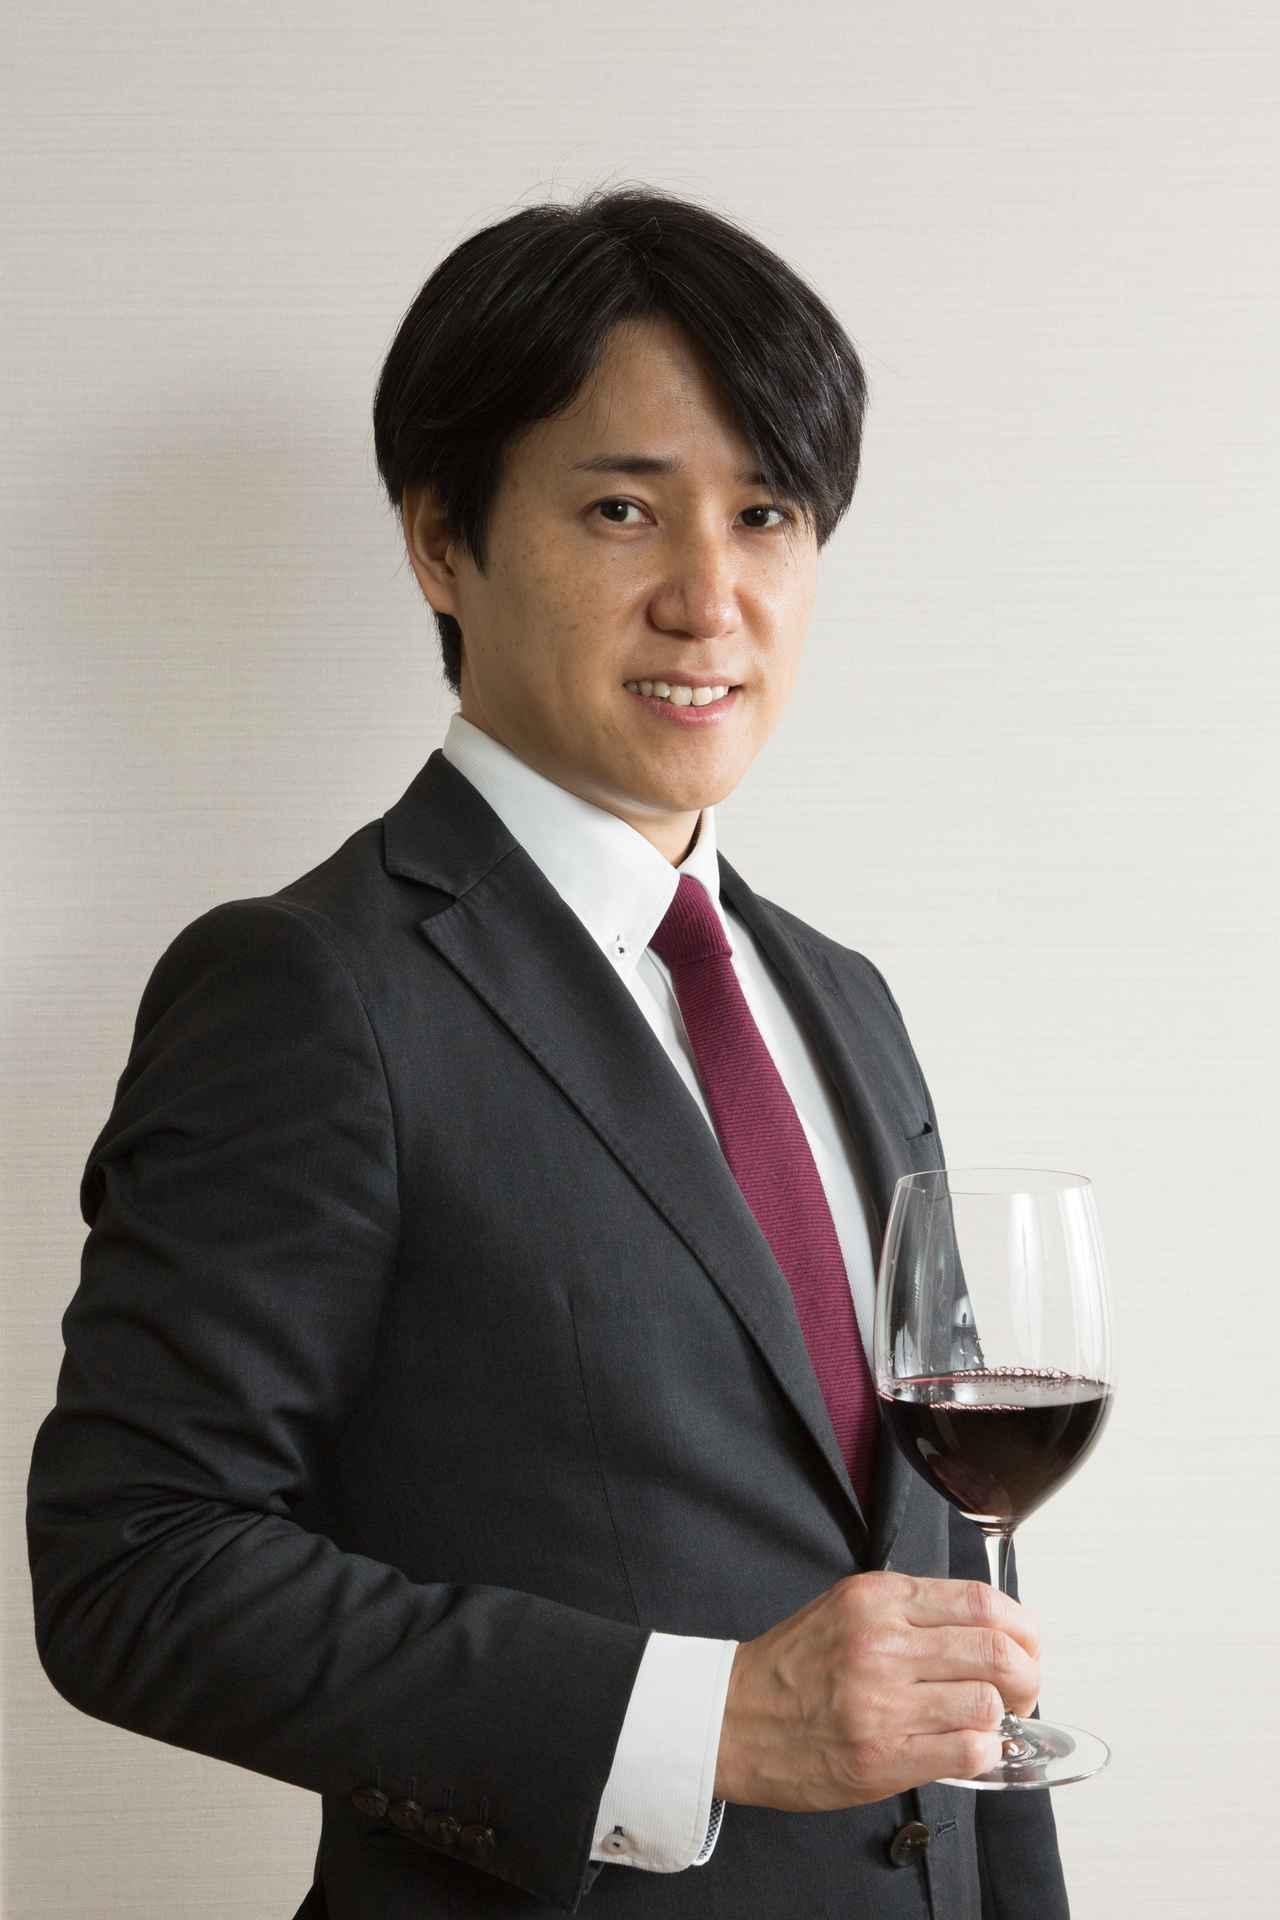 画像: 田邉公一(たなべ こういち) ワインディレクター。ワインスクール「レコール・デュ・ヴァン」講師。「タイソンズ アンド カンパニー」「アニス」「アミュゼ」などのレストランやイベントのワイン監修を手掛ける